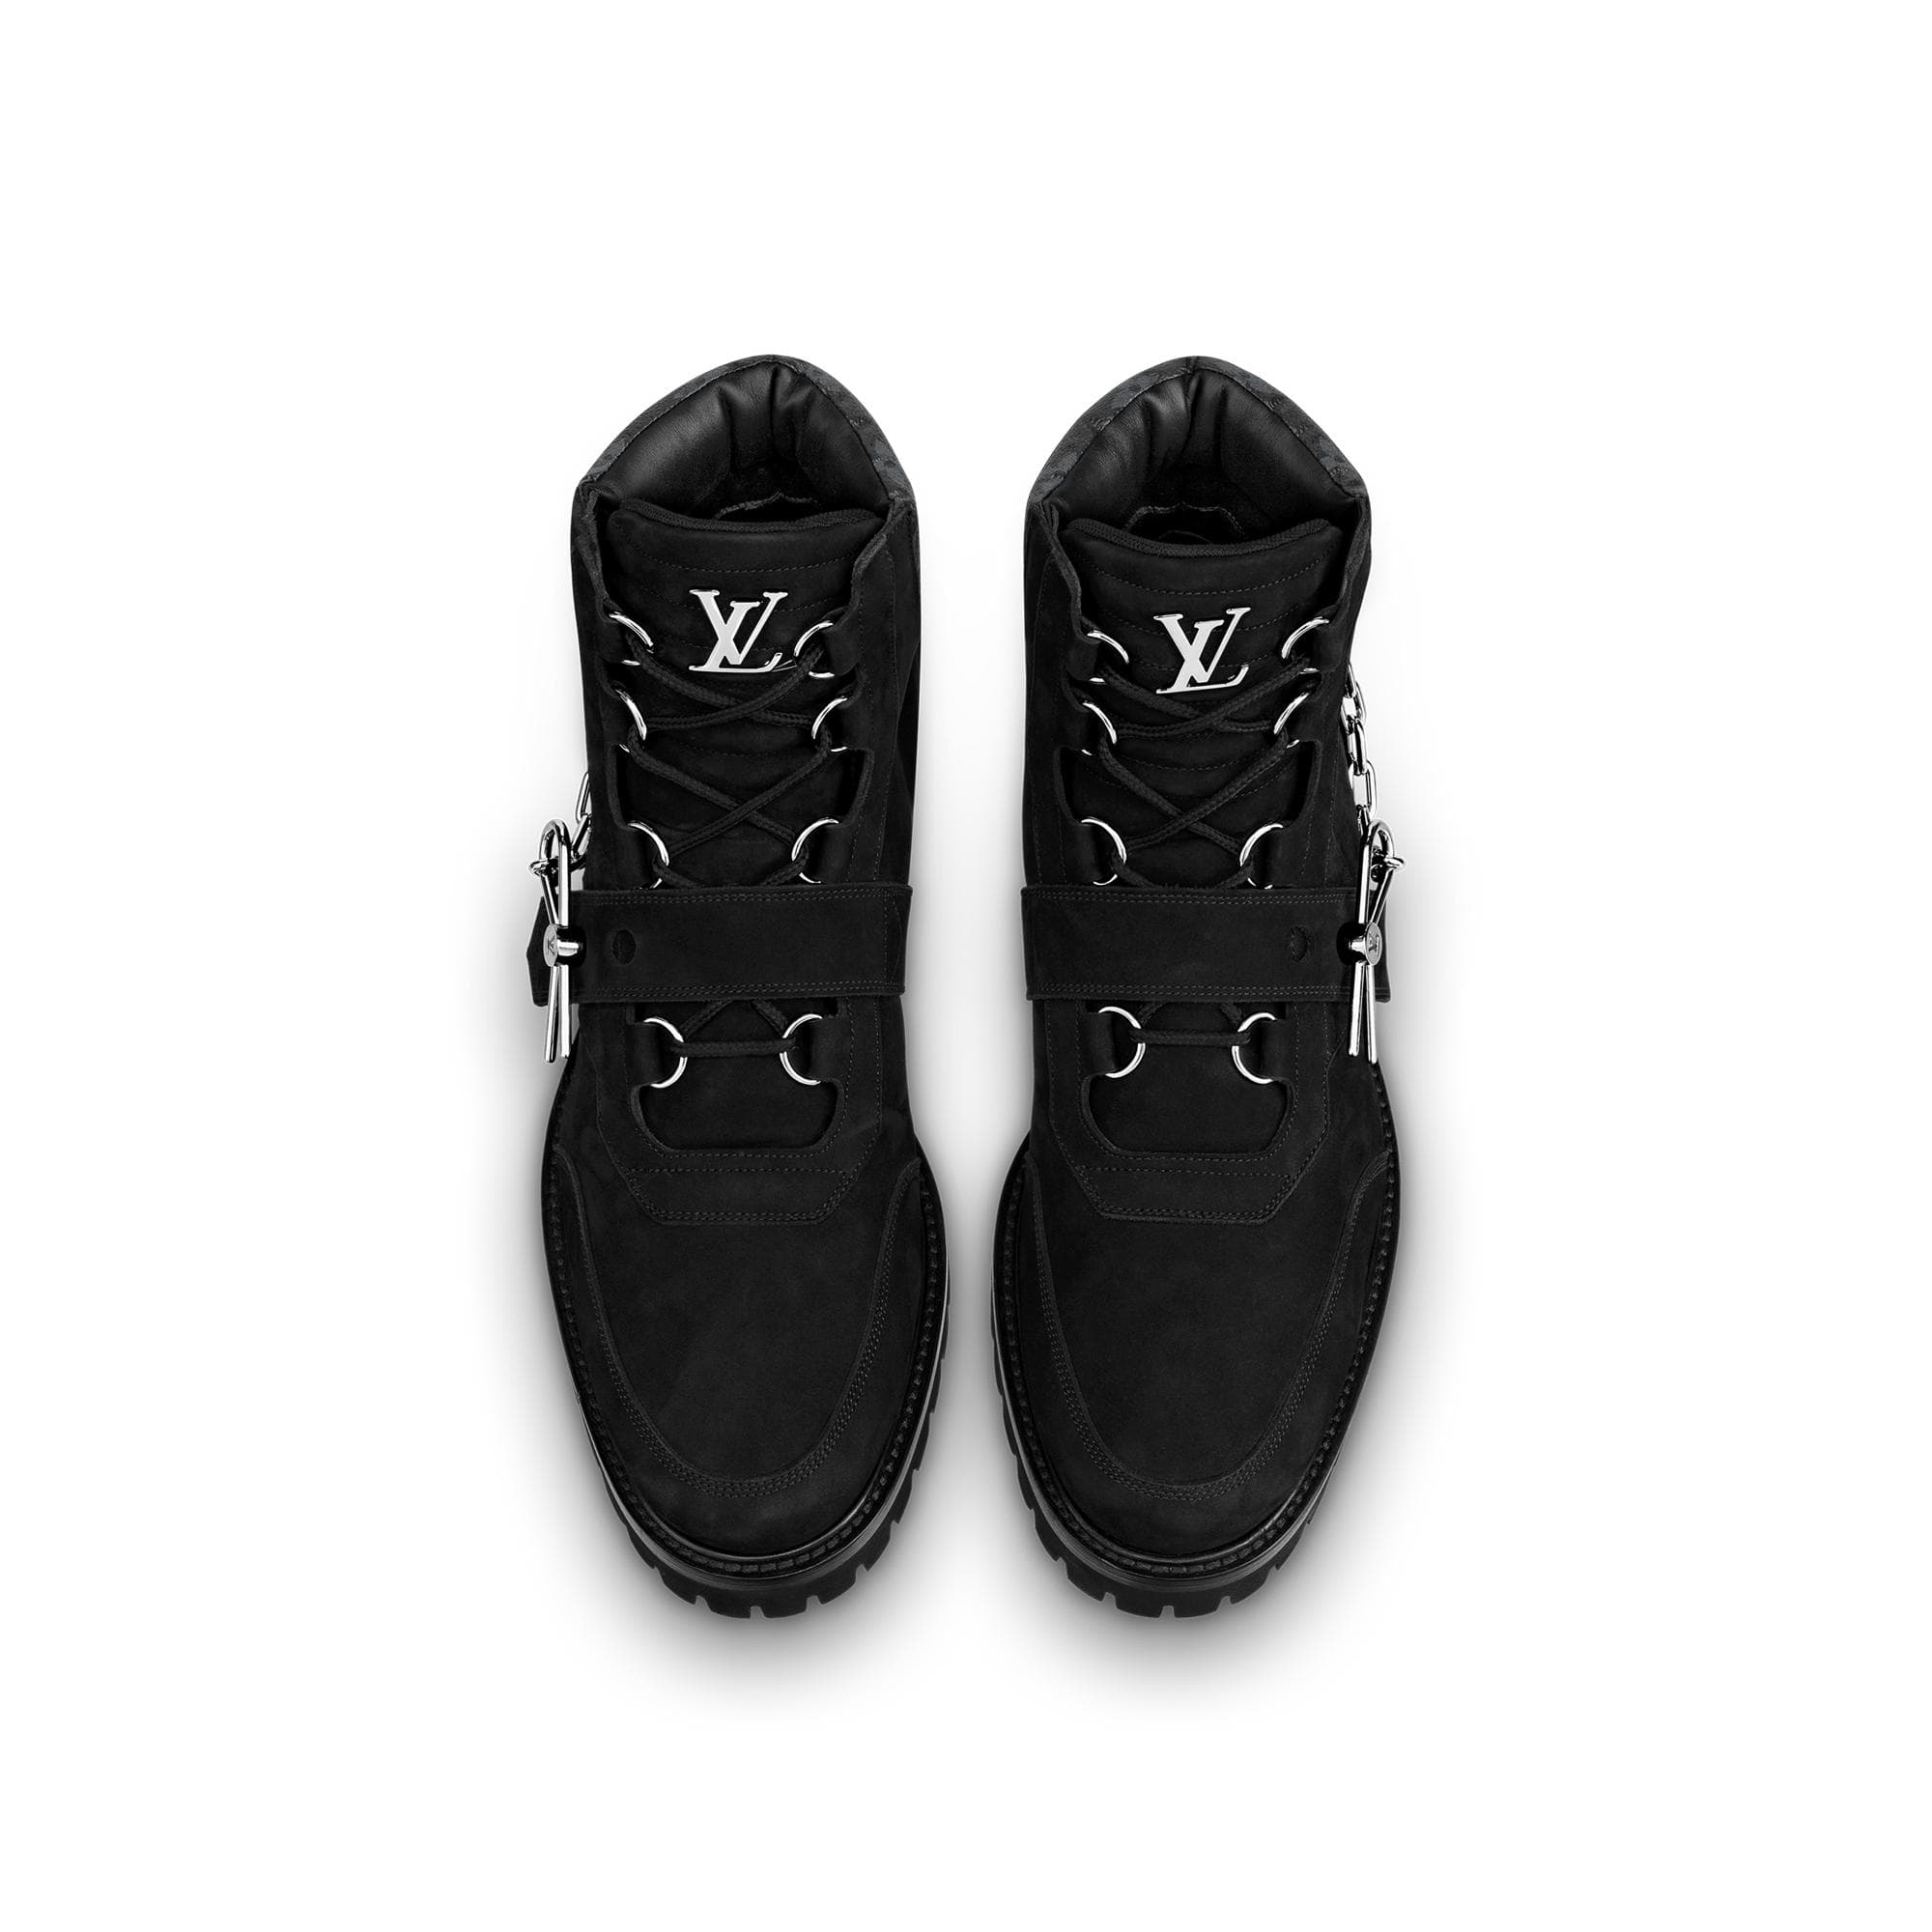 유럽직배송 루이비통 LOUIS VUITTON LV Creeper Ankle Boots 1A5AM8